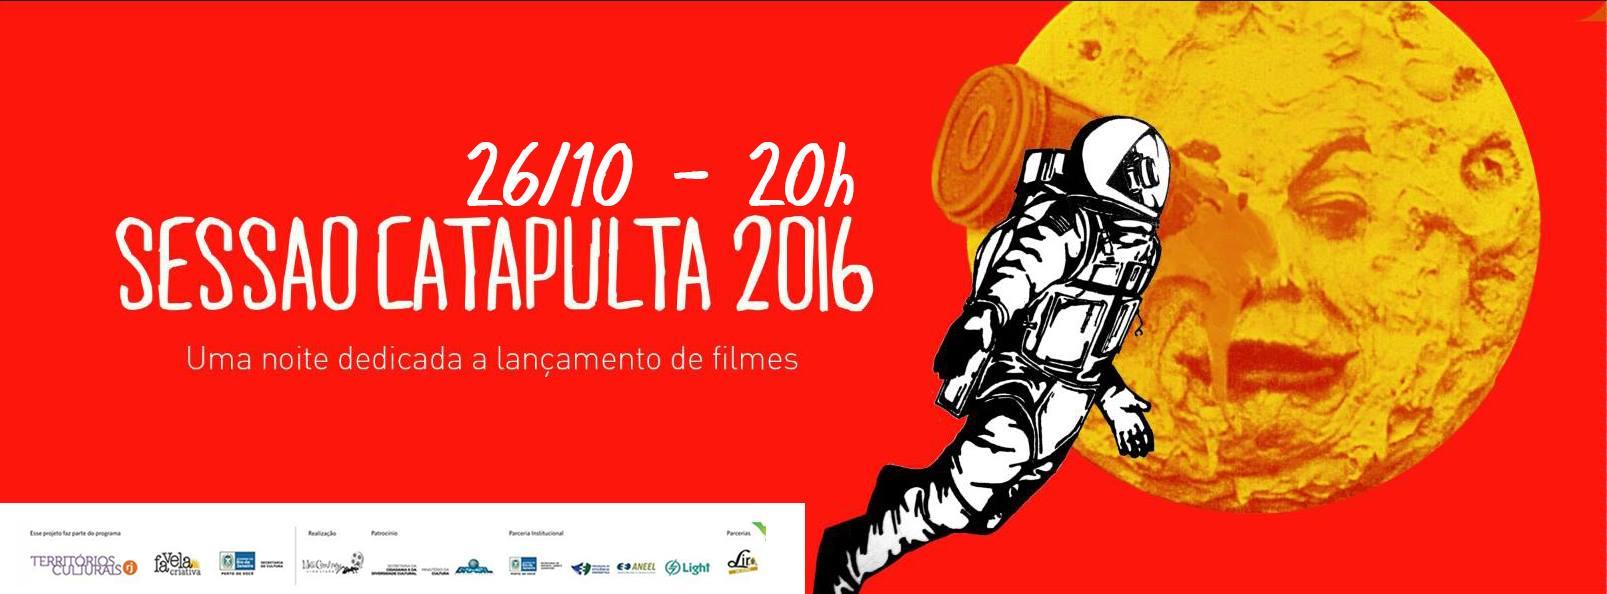 Sessão Catapulta 2016 – aquela noite esperta dedicada a lançamento de curtas ;)